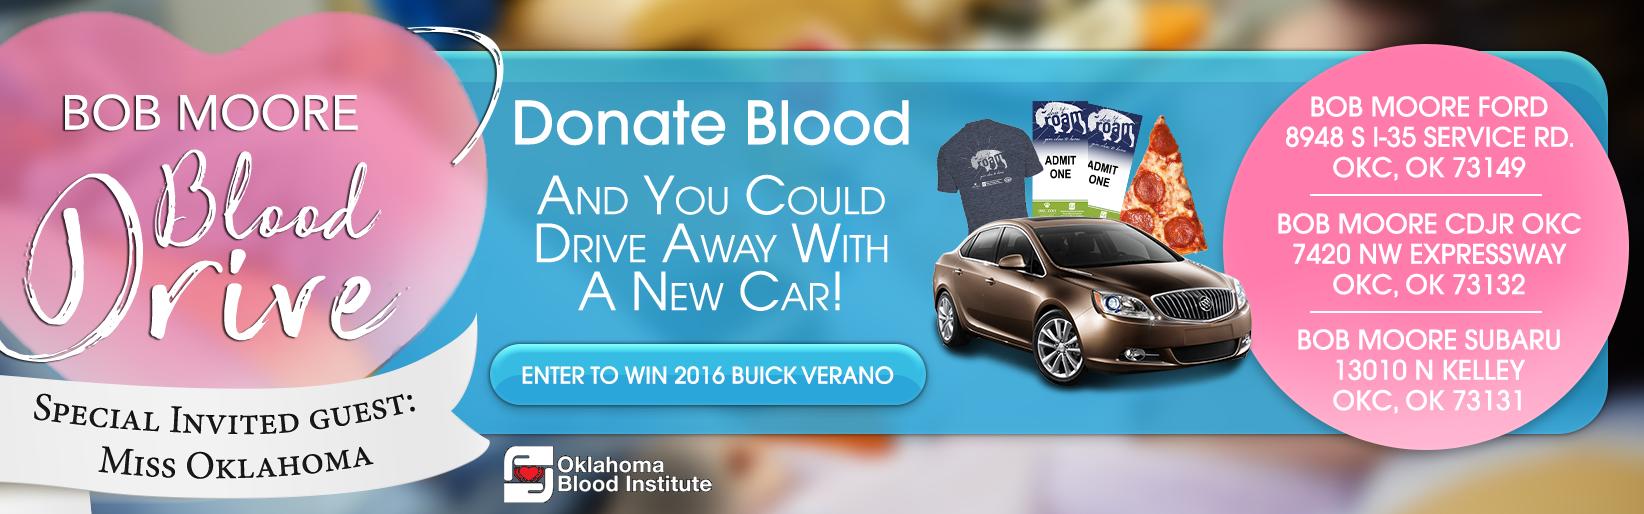 2016 Buick Verano Giveaway Miss Oklahoma Oklahoma City